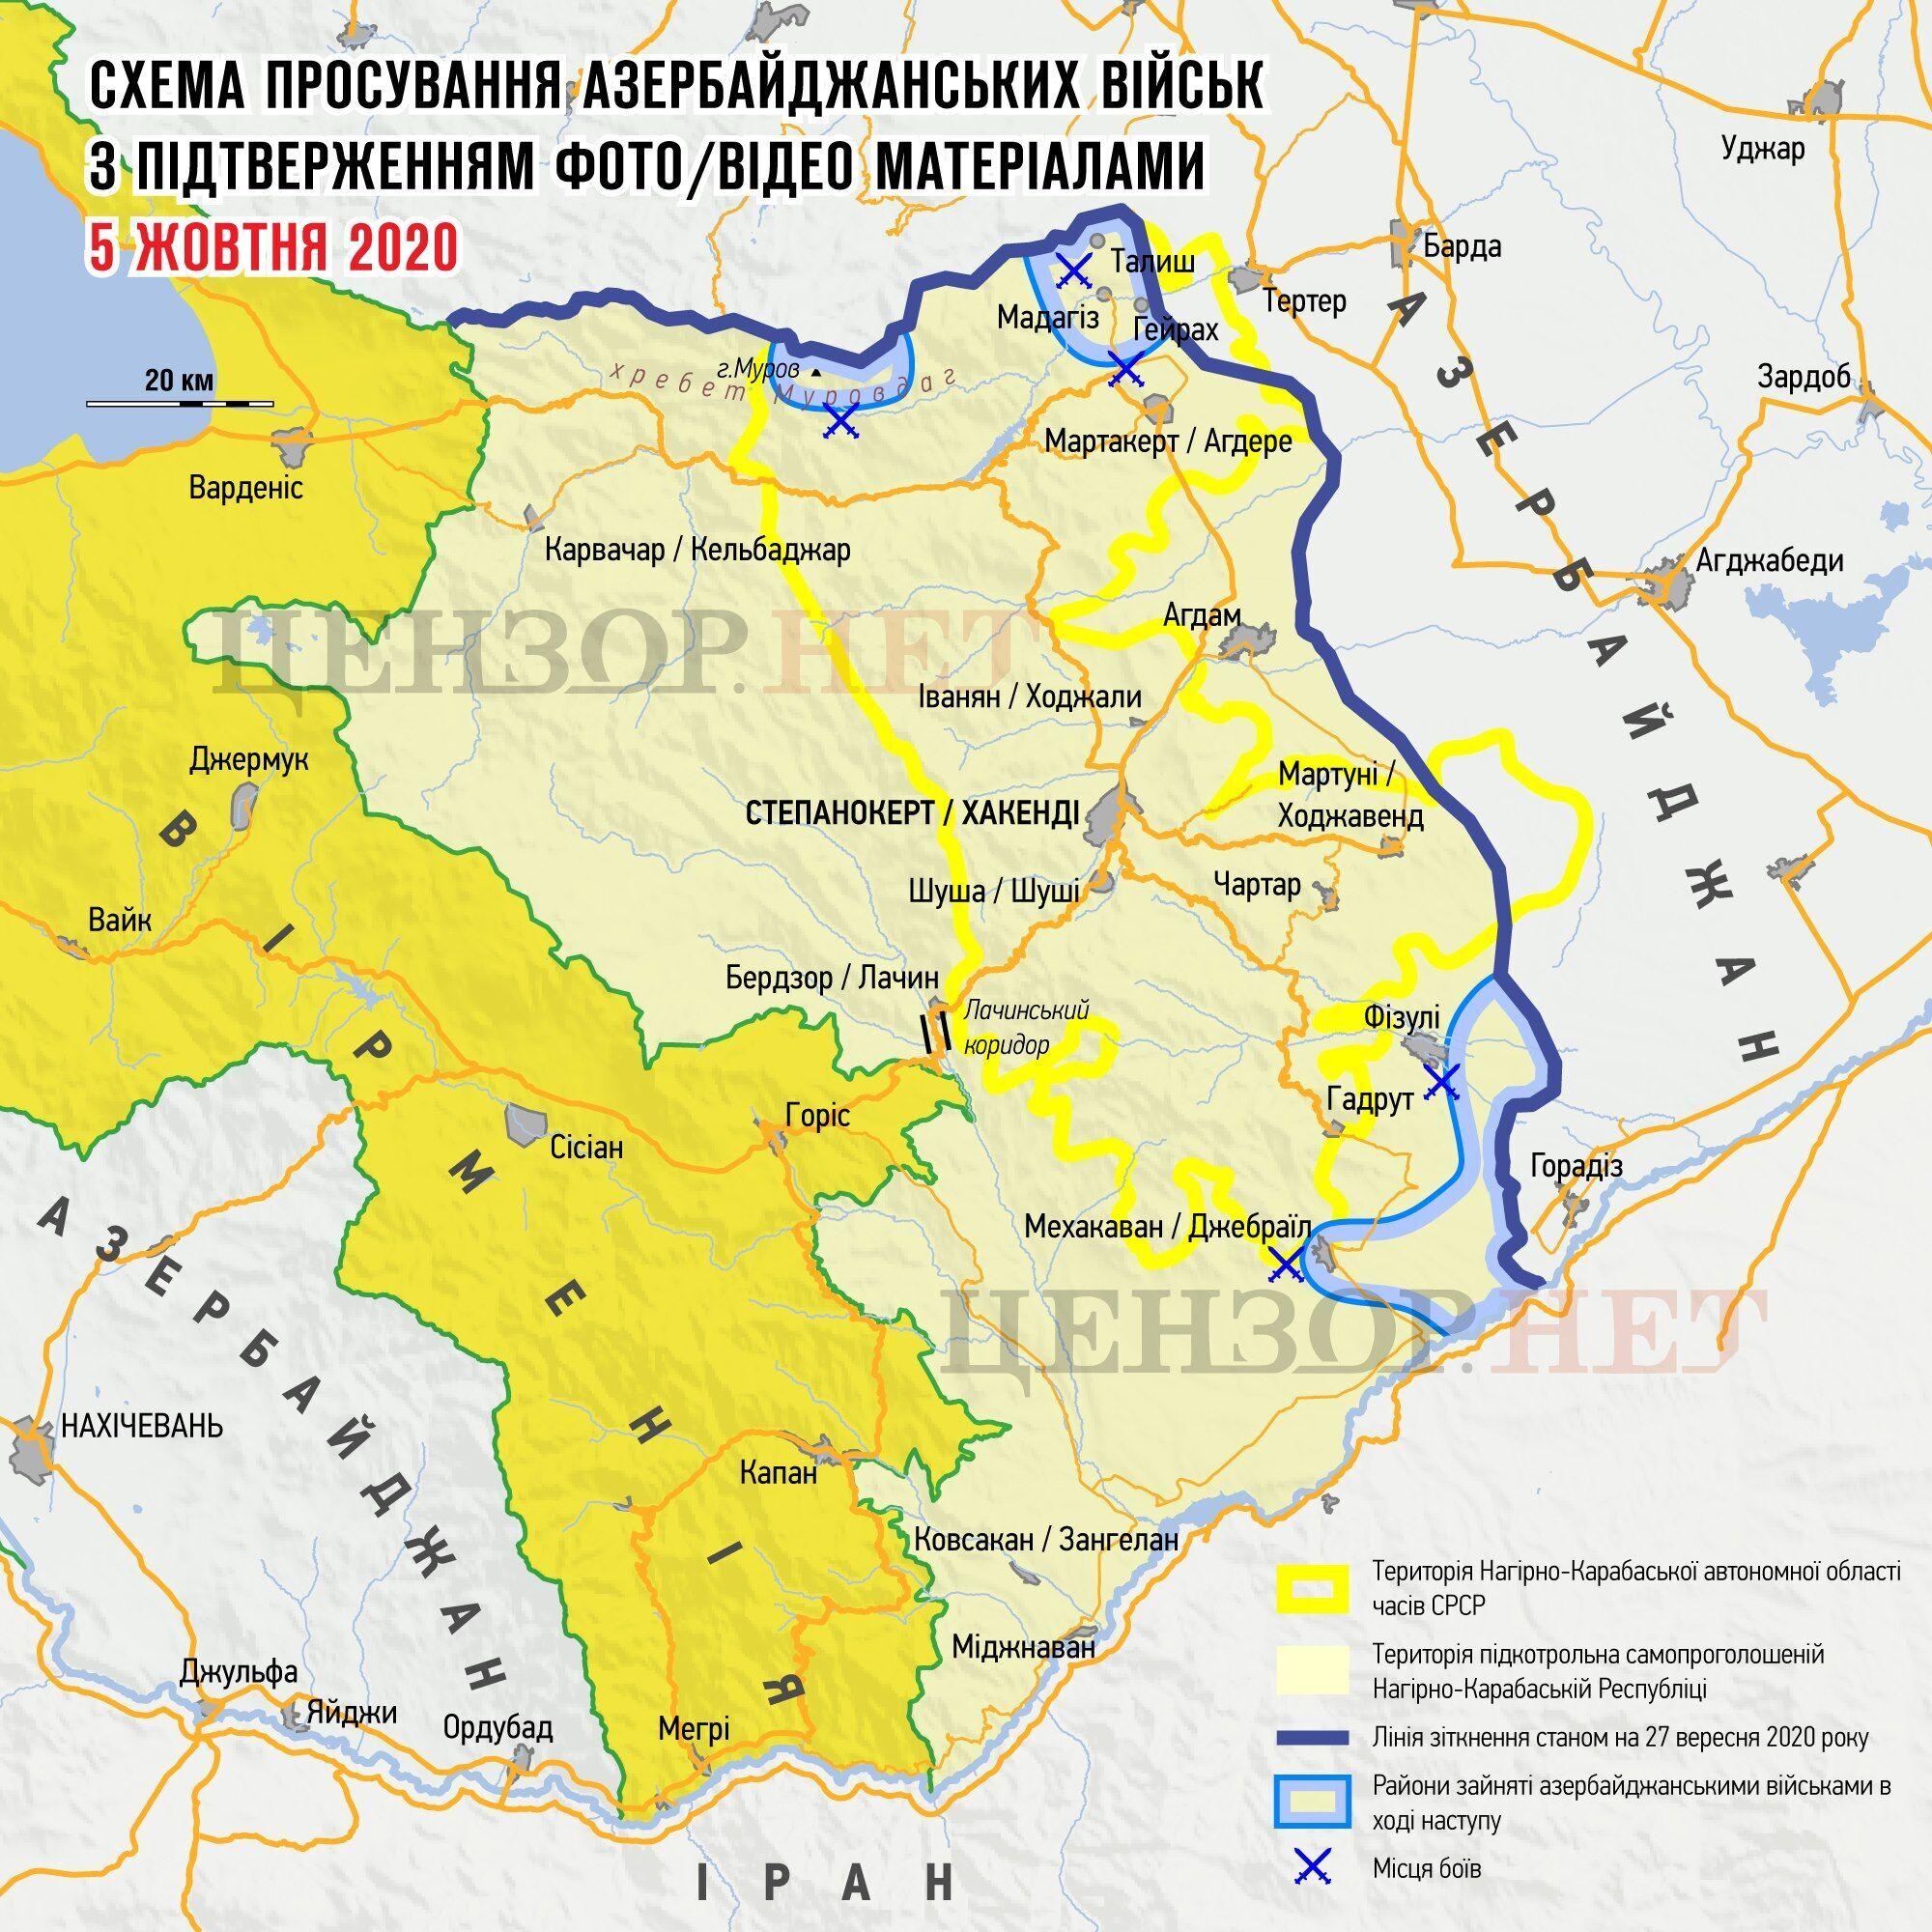 Война в Карабахе: что происходит сегодня